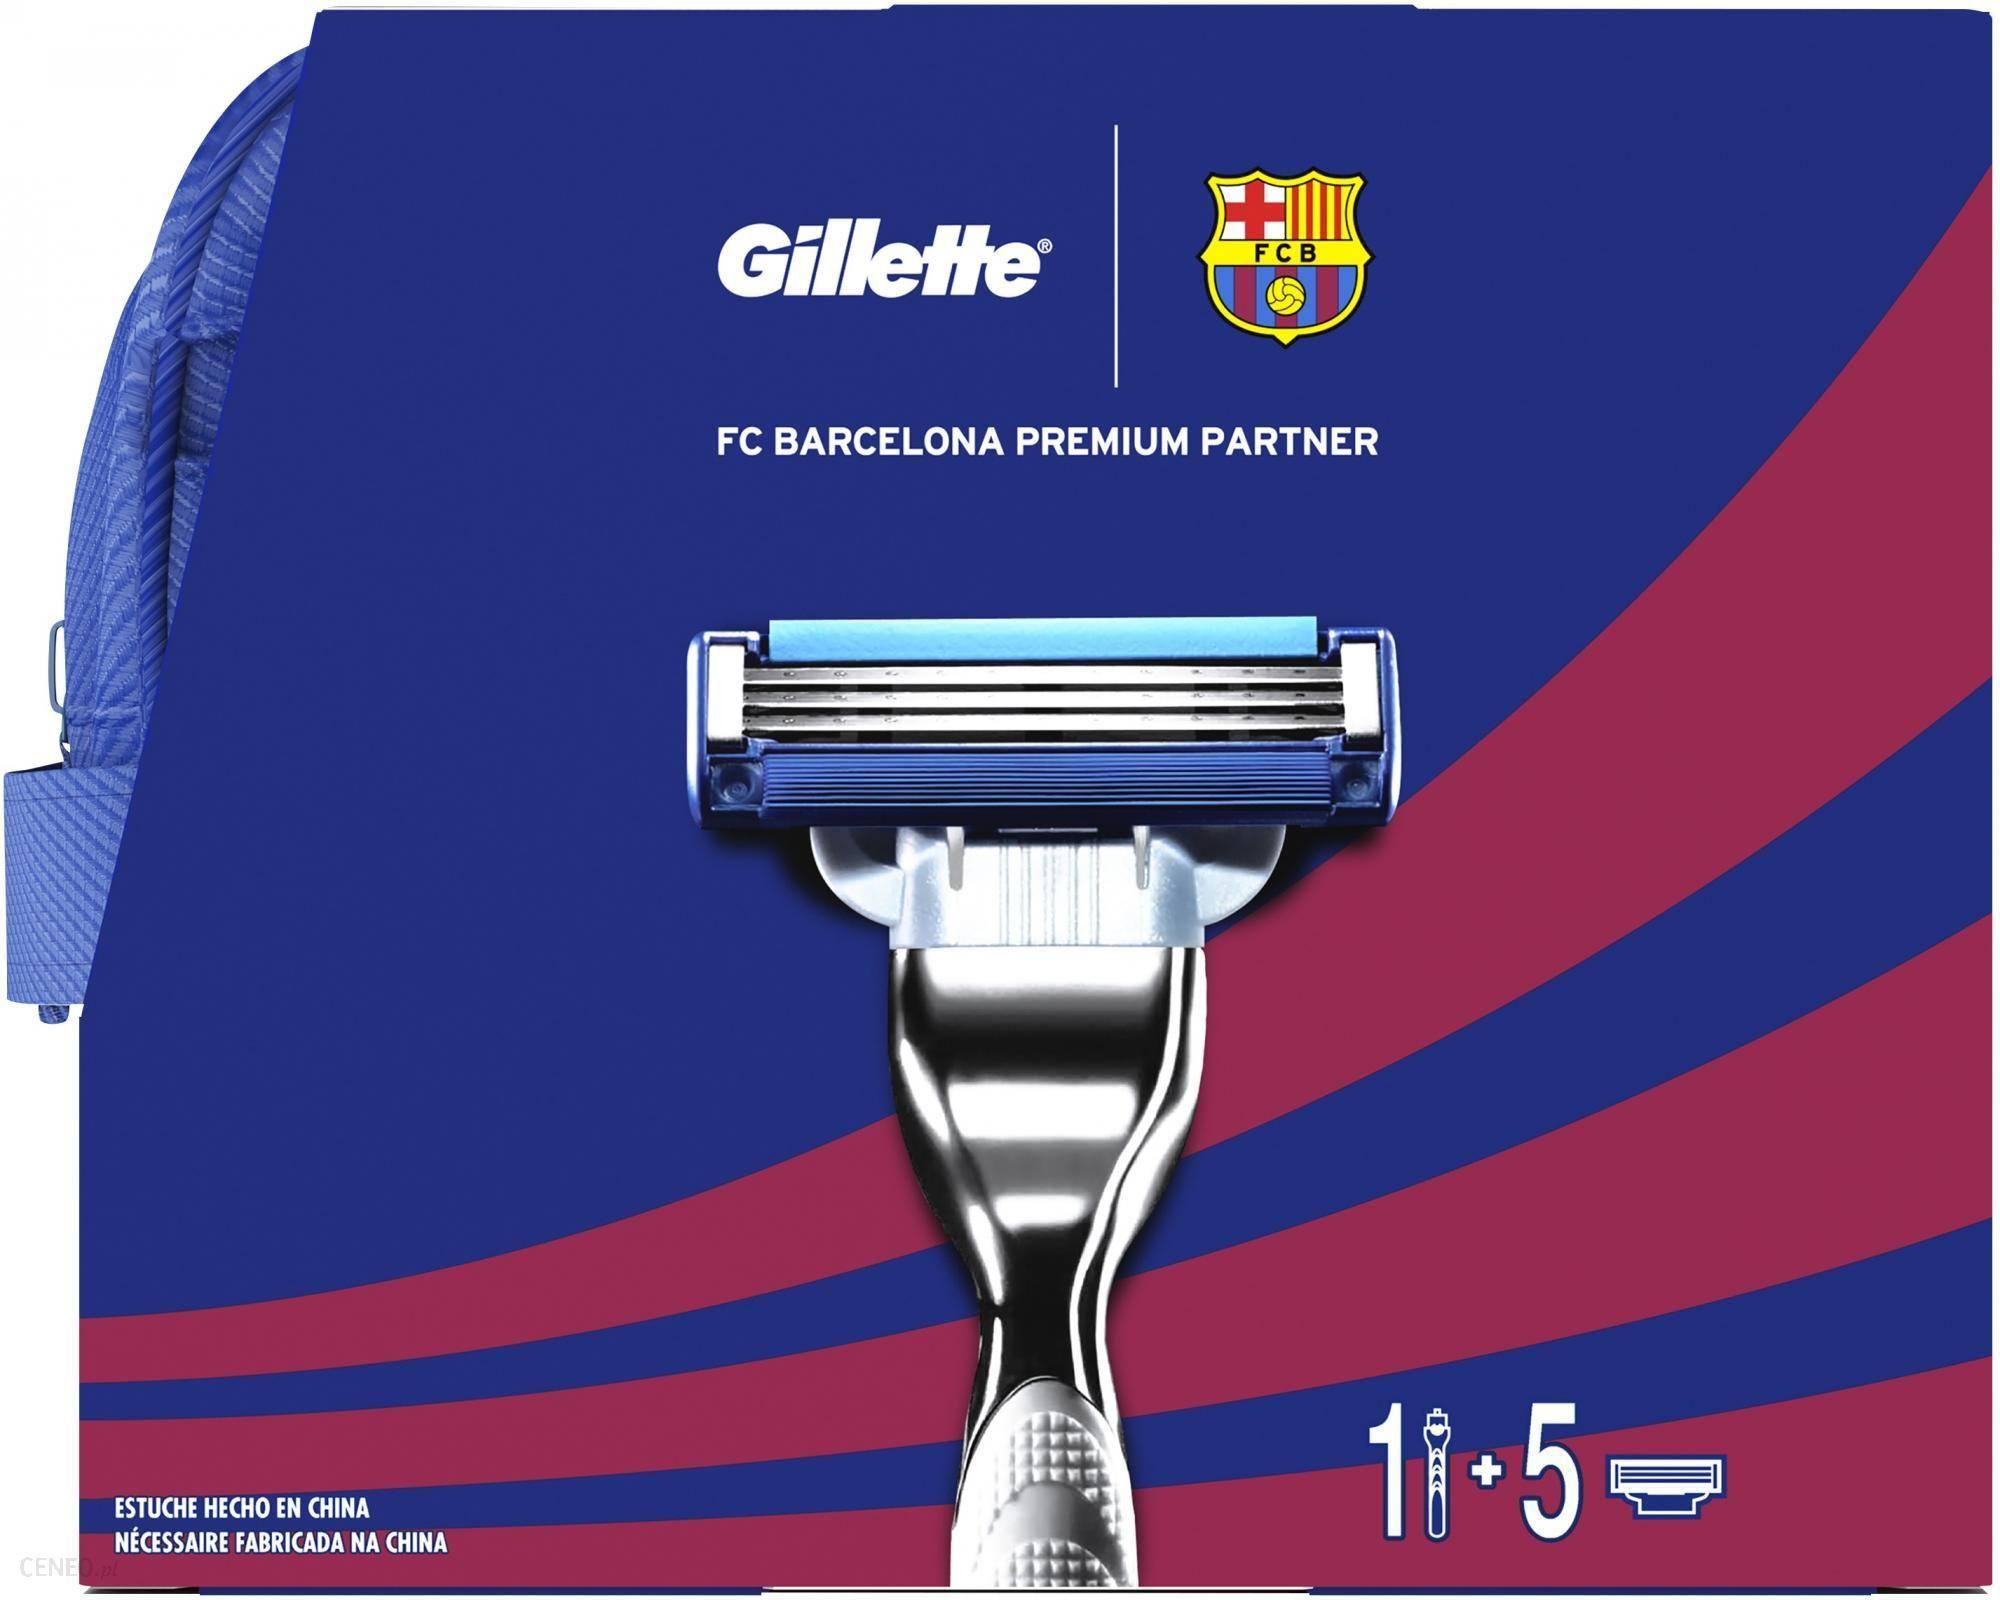 fecf444fd Zestaw kosmetyków dla mężczyzny Gillette Mach3 FC Barcelona maszynka + 5  głowic + żel do golenia